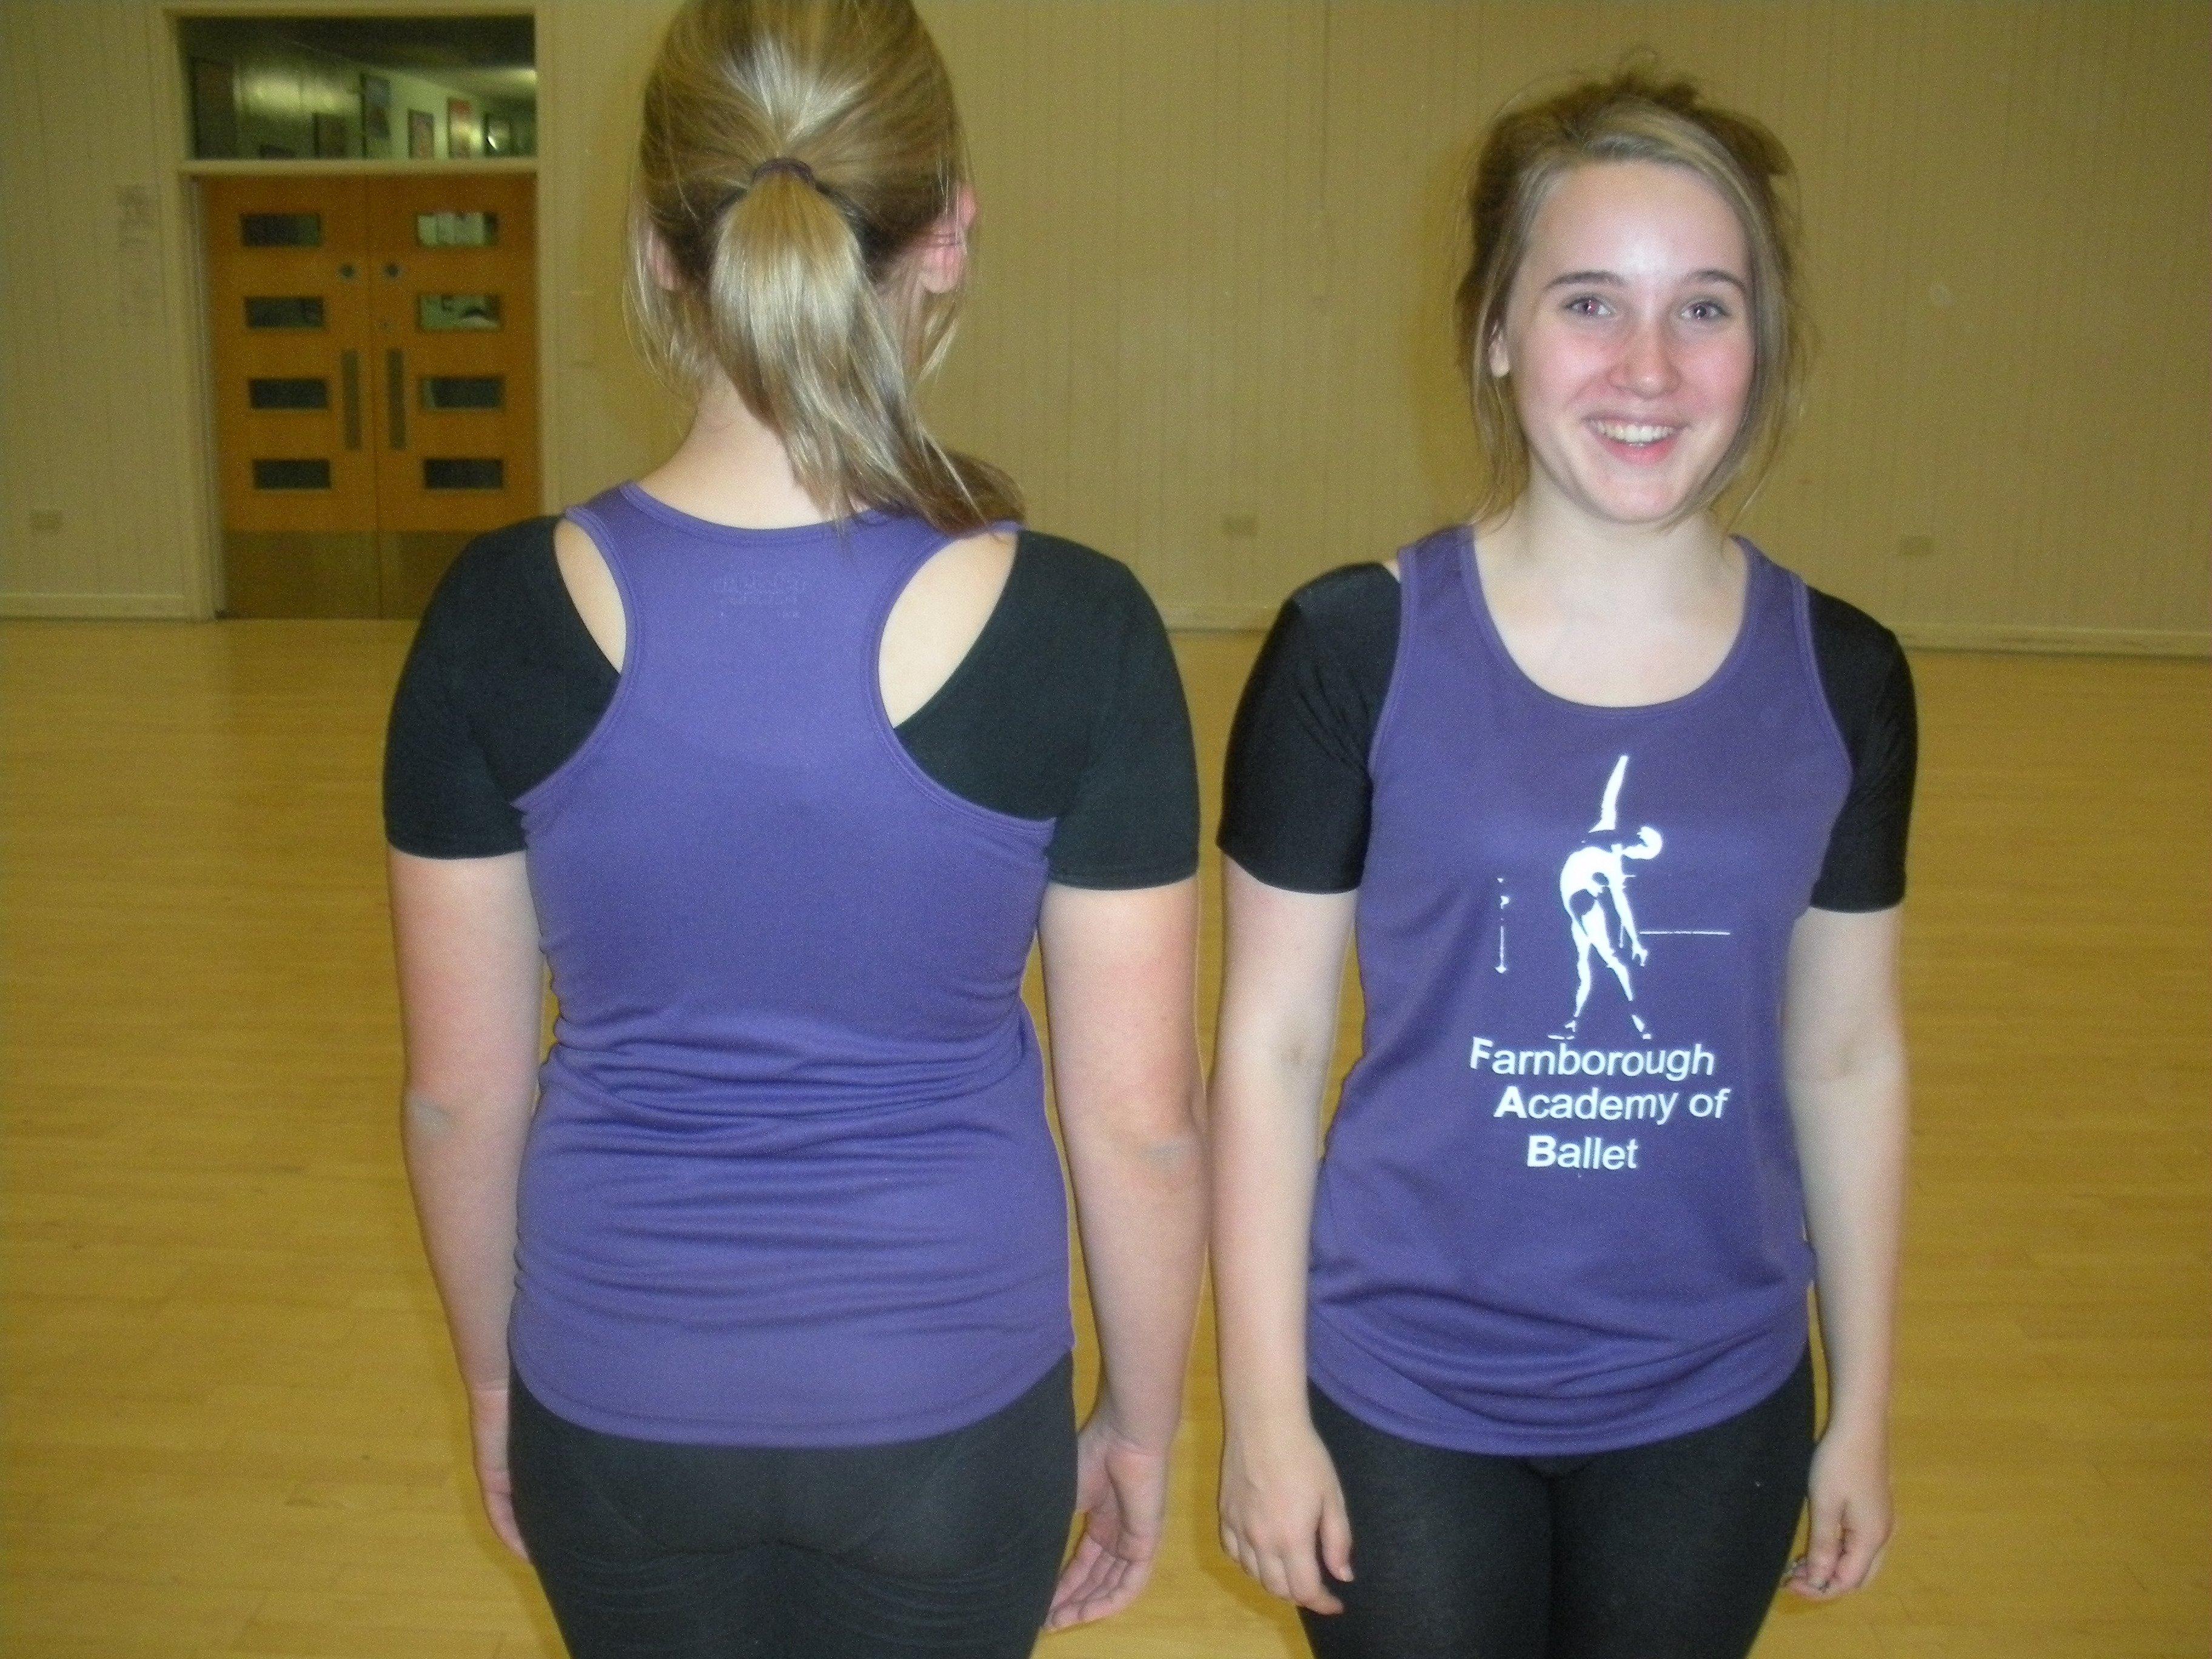 Dance uniforms